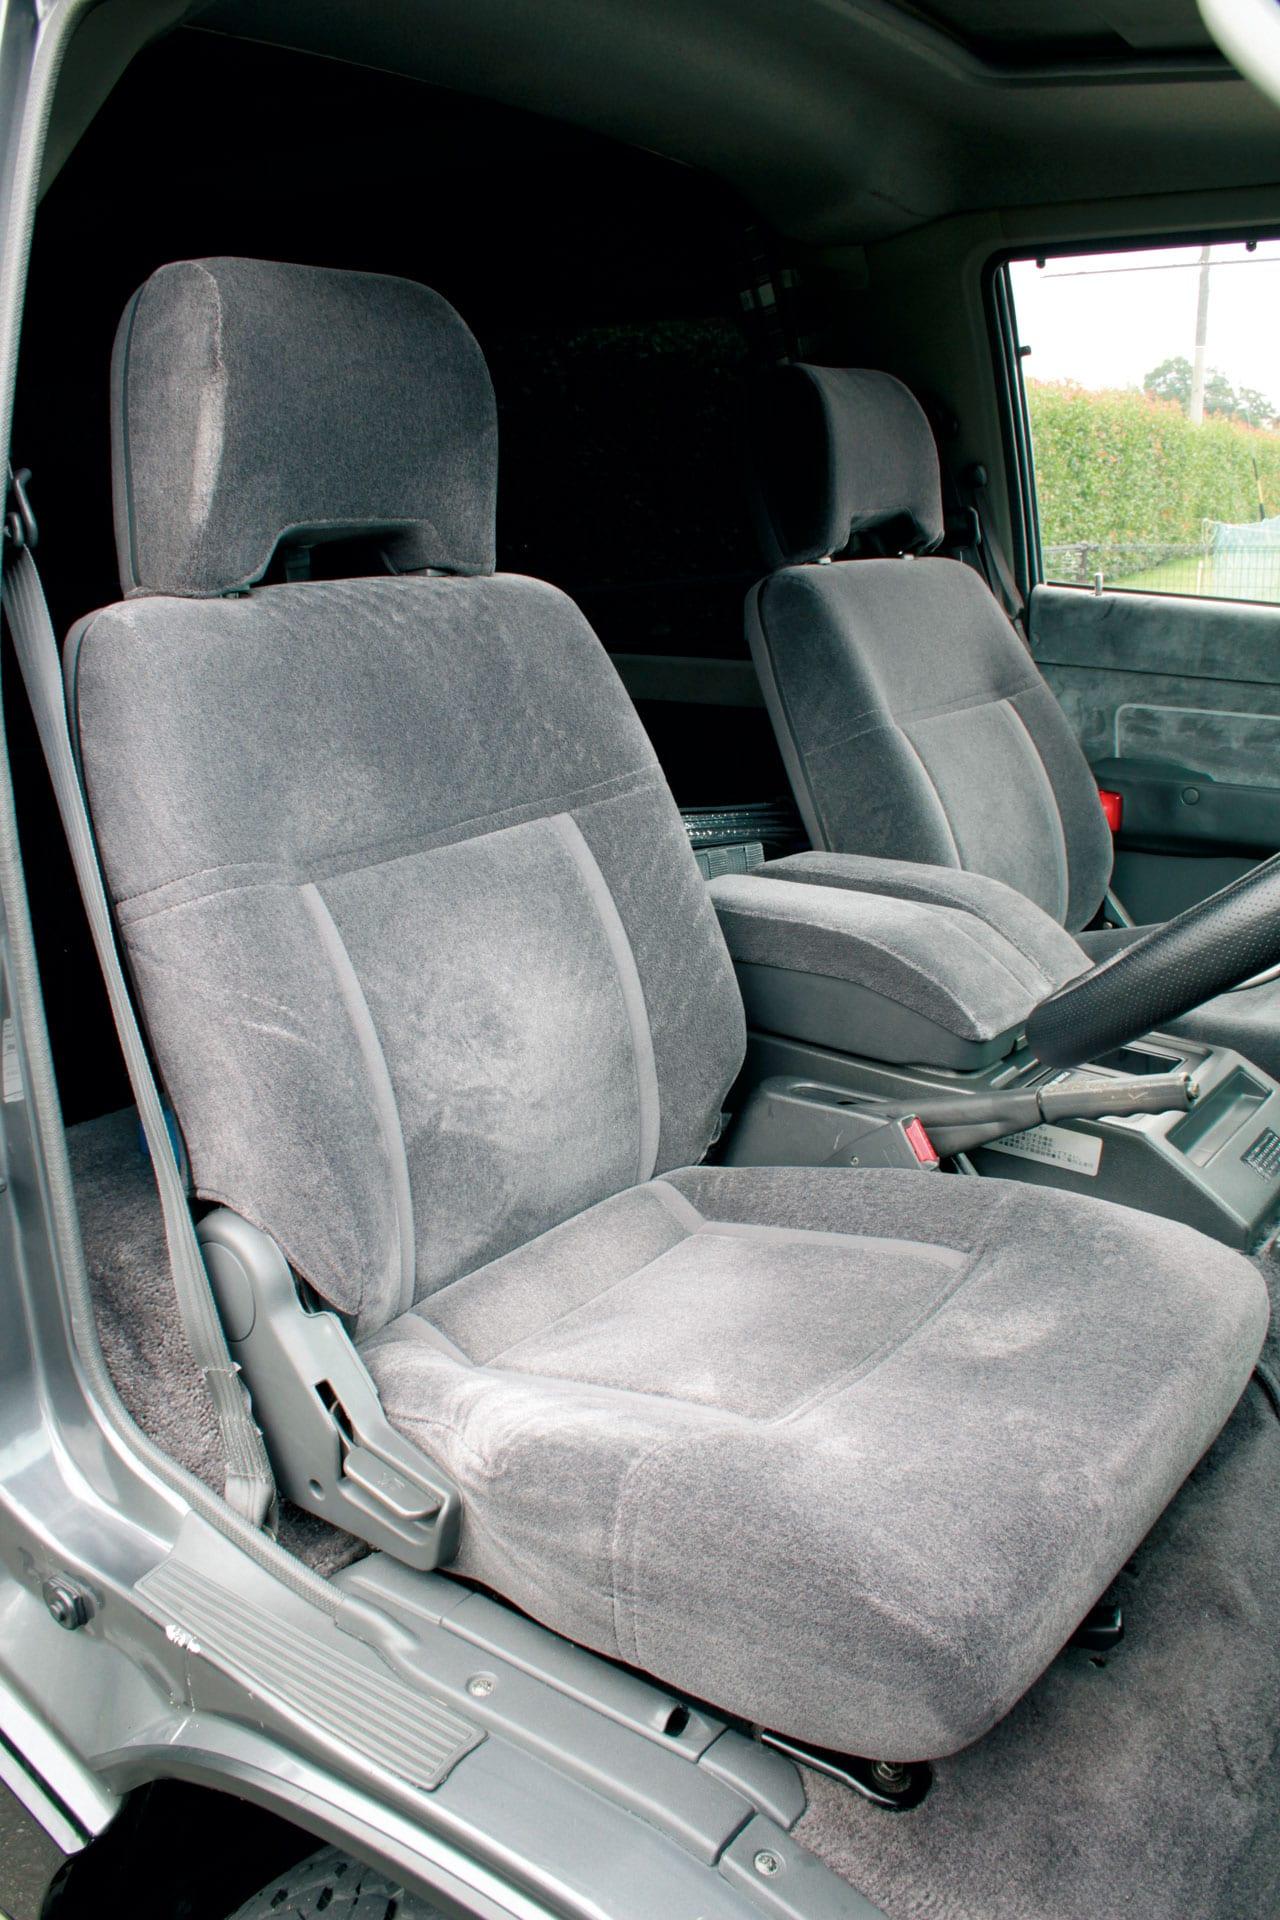 歴代デリカを比べまSHOW Vol.3 スターワゴン4WD 2500ディーゼルターボ クリスタルライトルーフエクシード